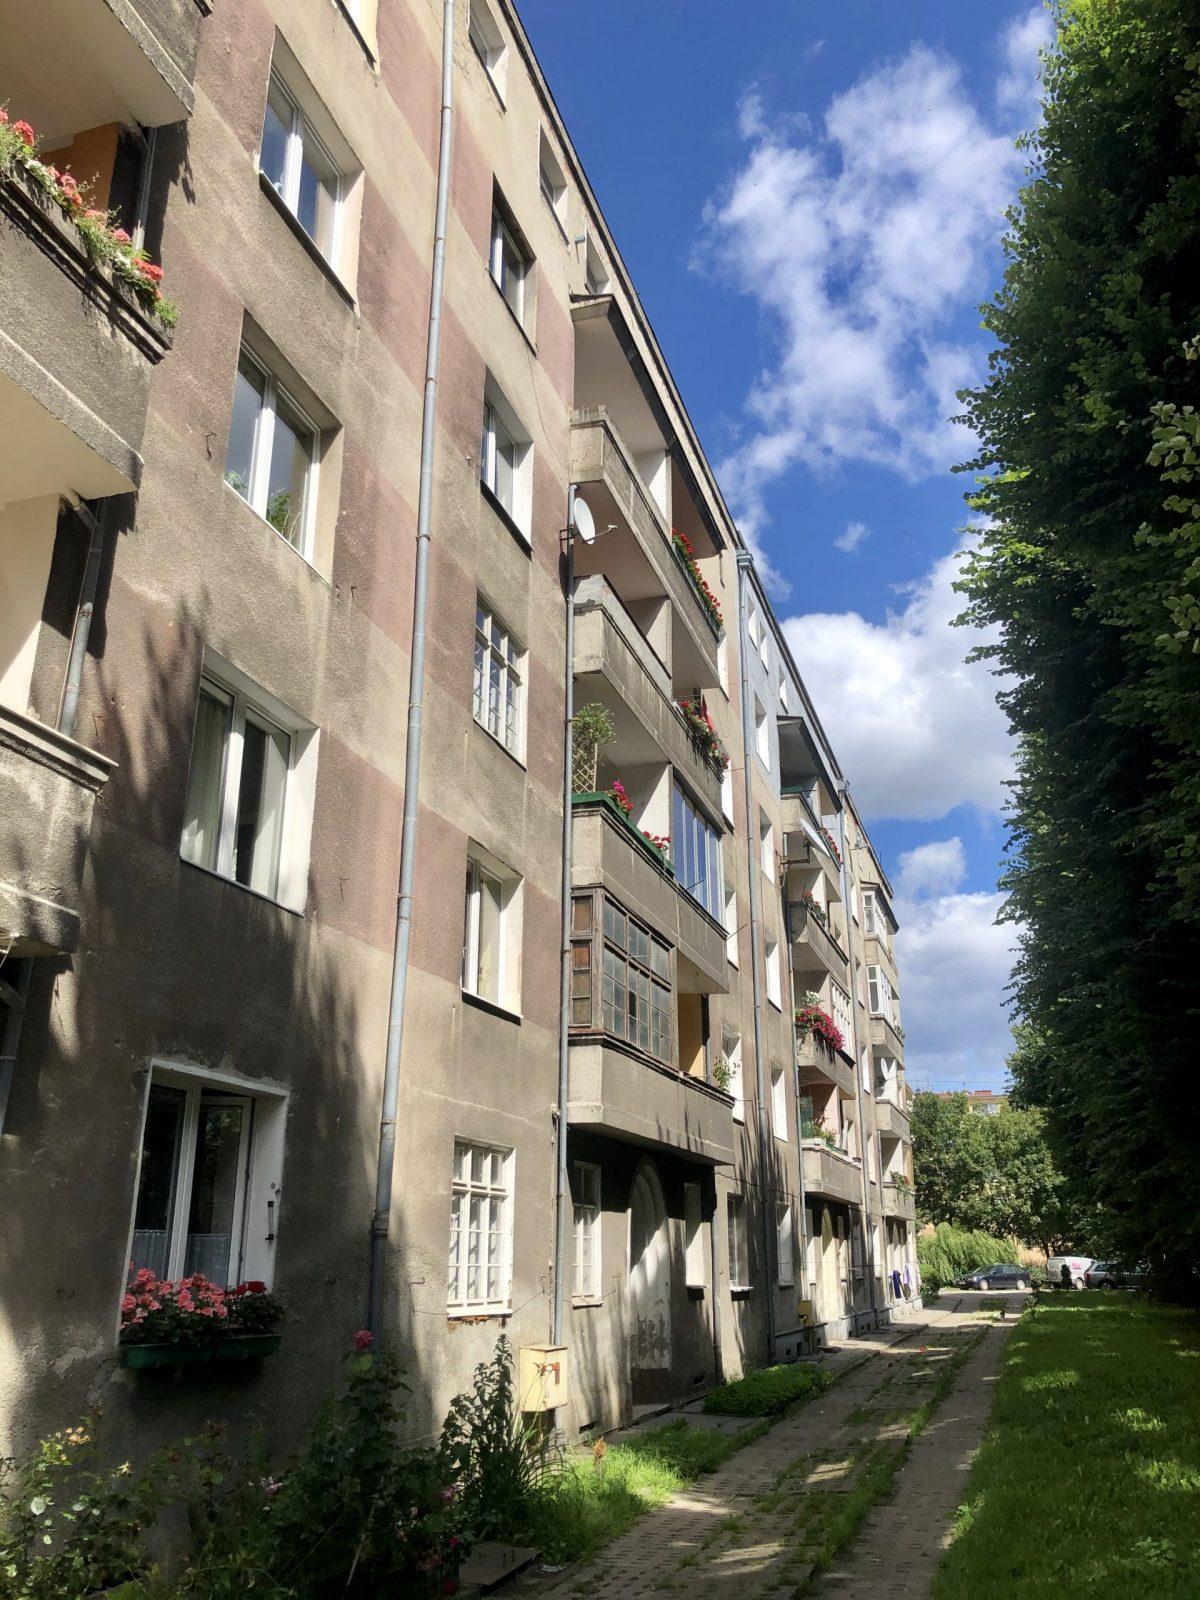 ulice Gdańska